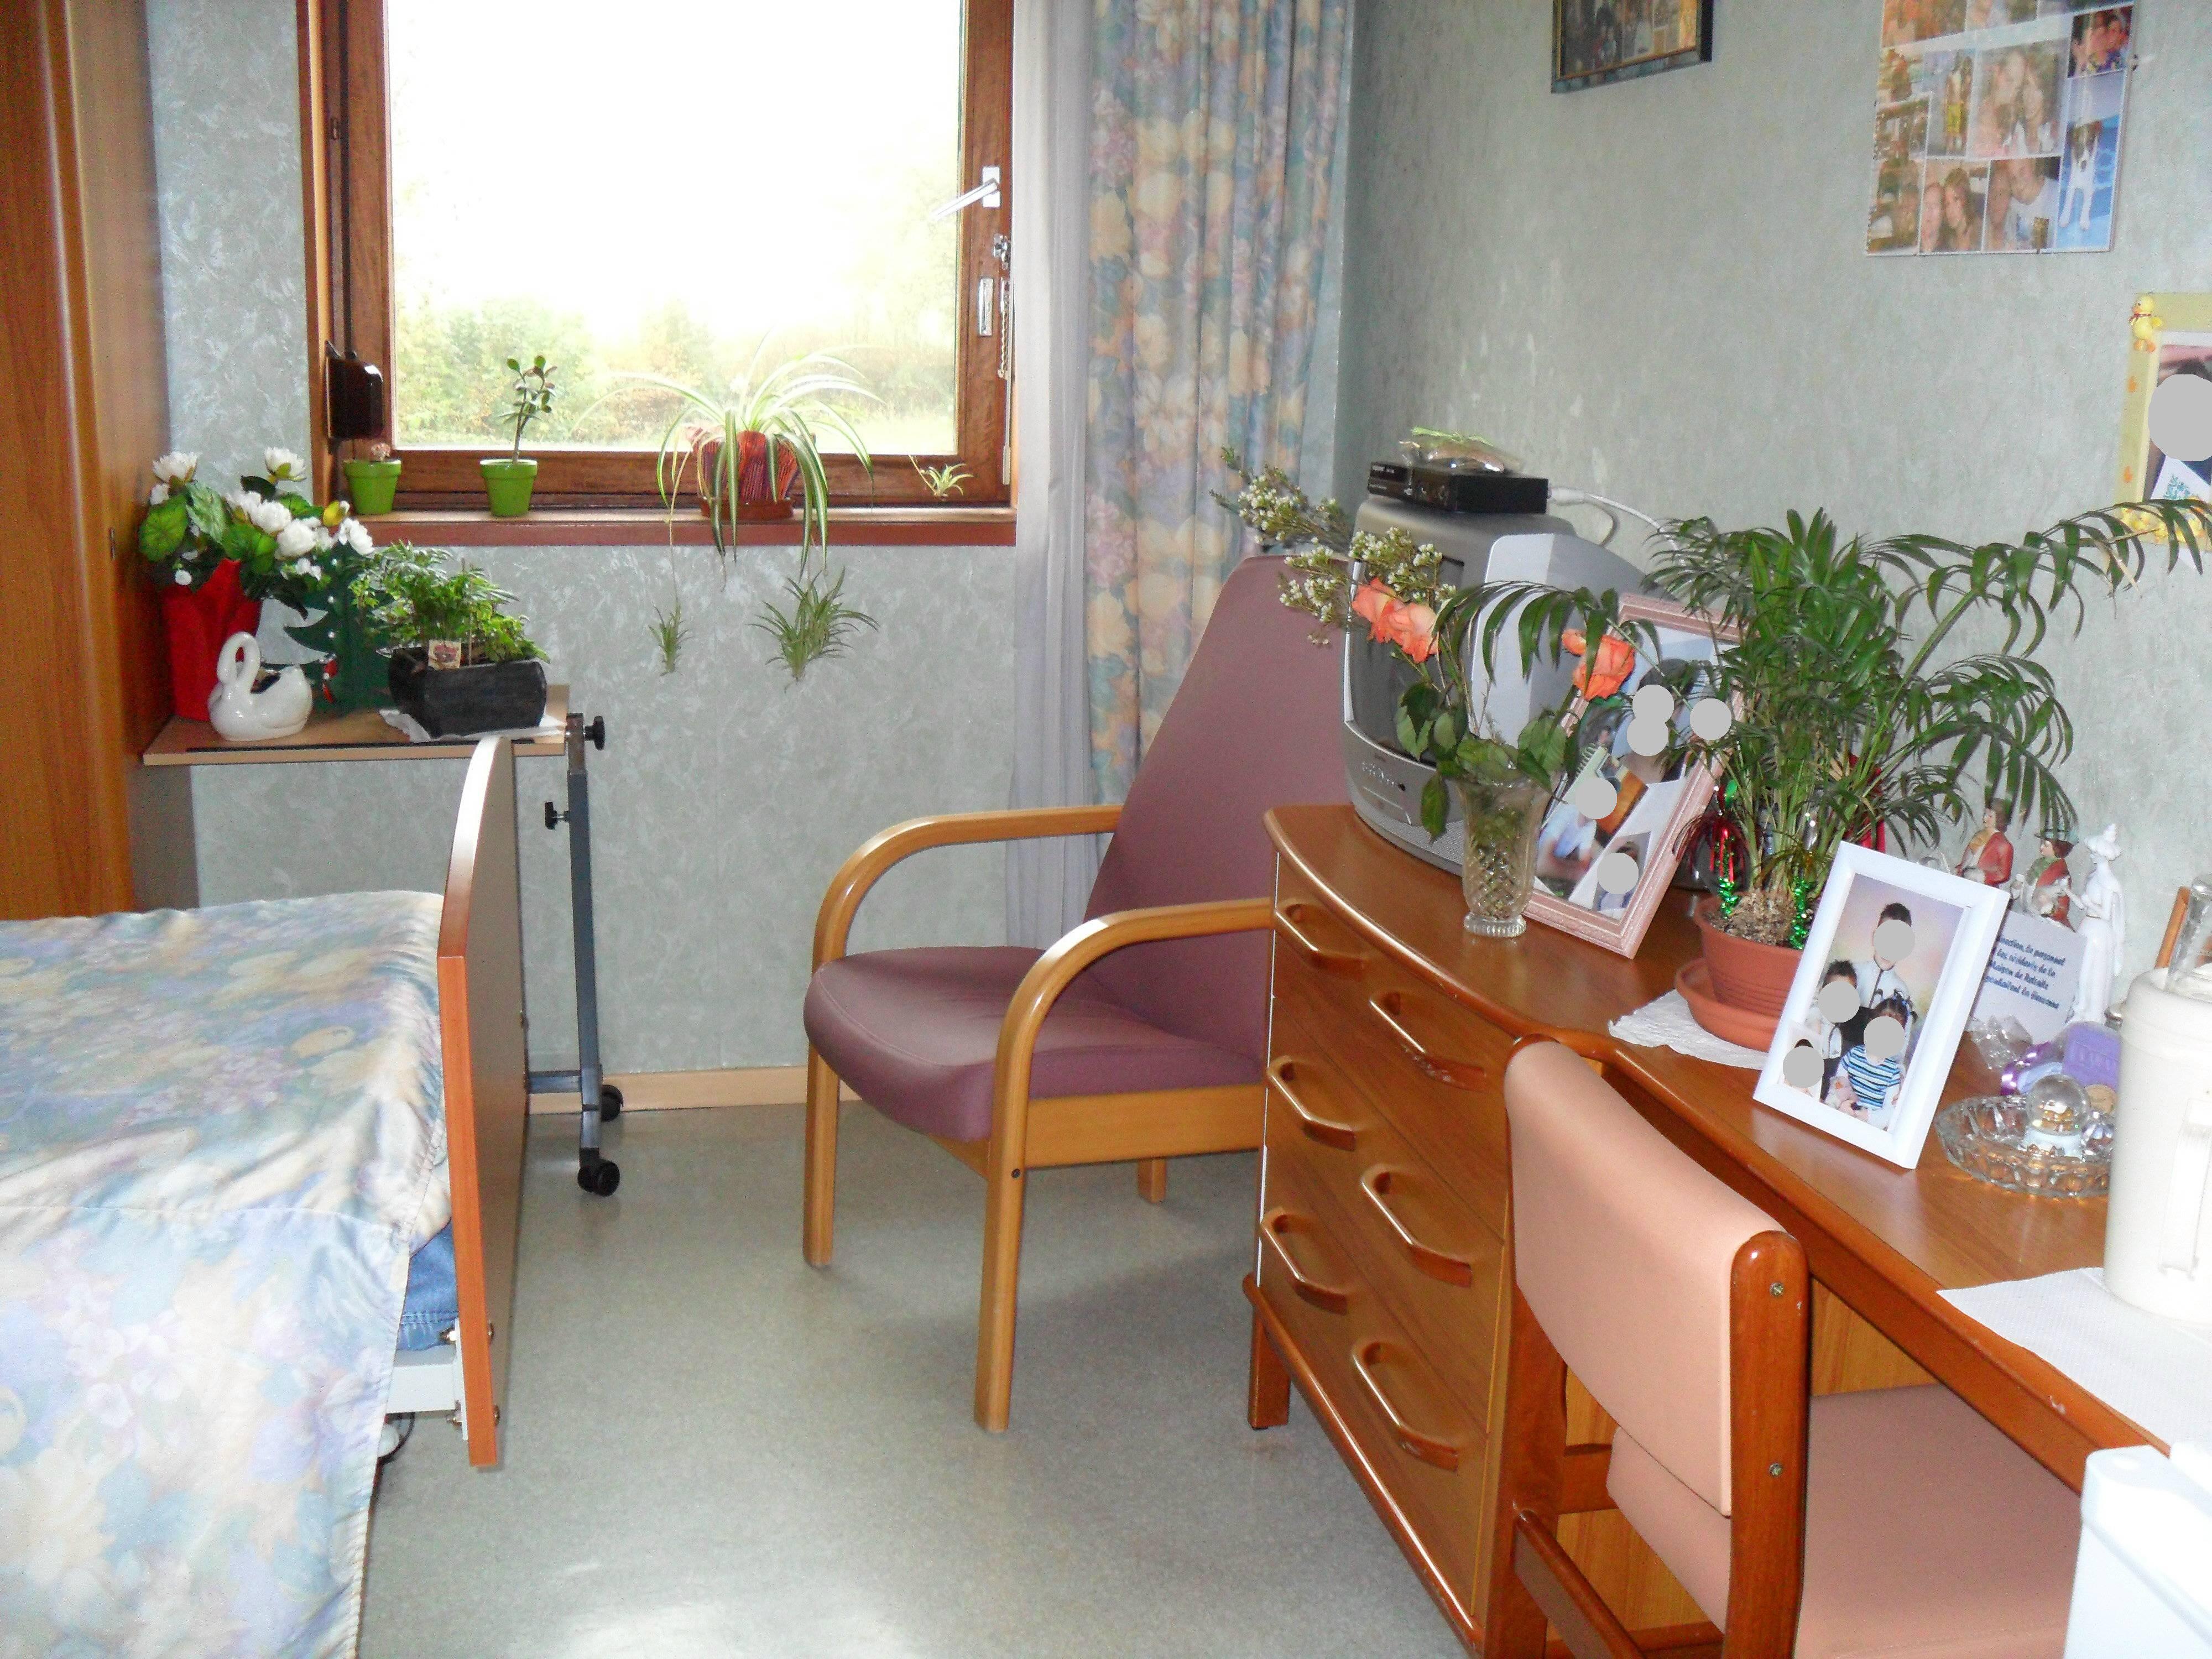 Ehpad maison de retraite la roseraie sains du nord maisons de retraite - Acheter une chambre en maison de retraite ...